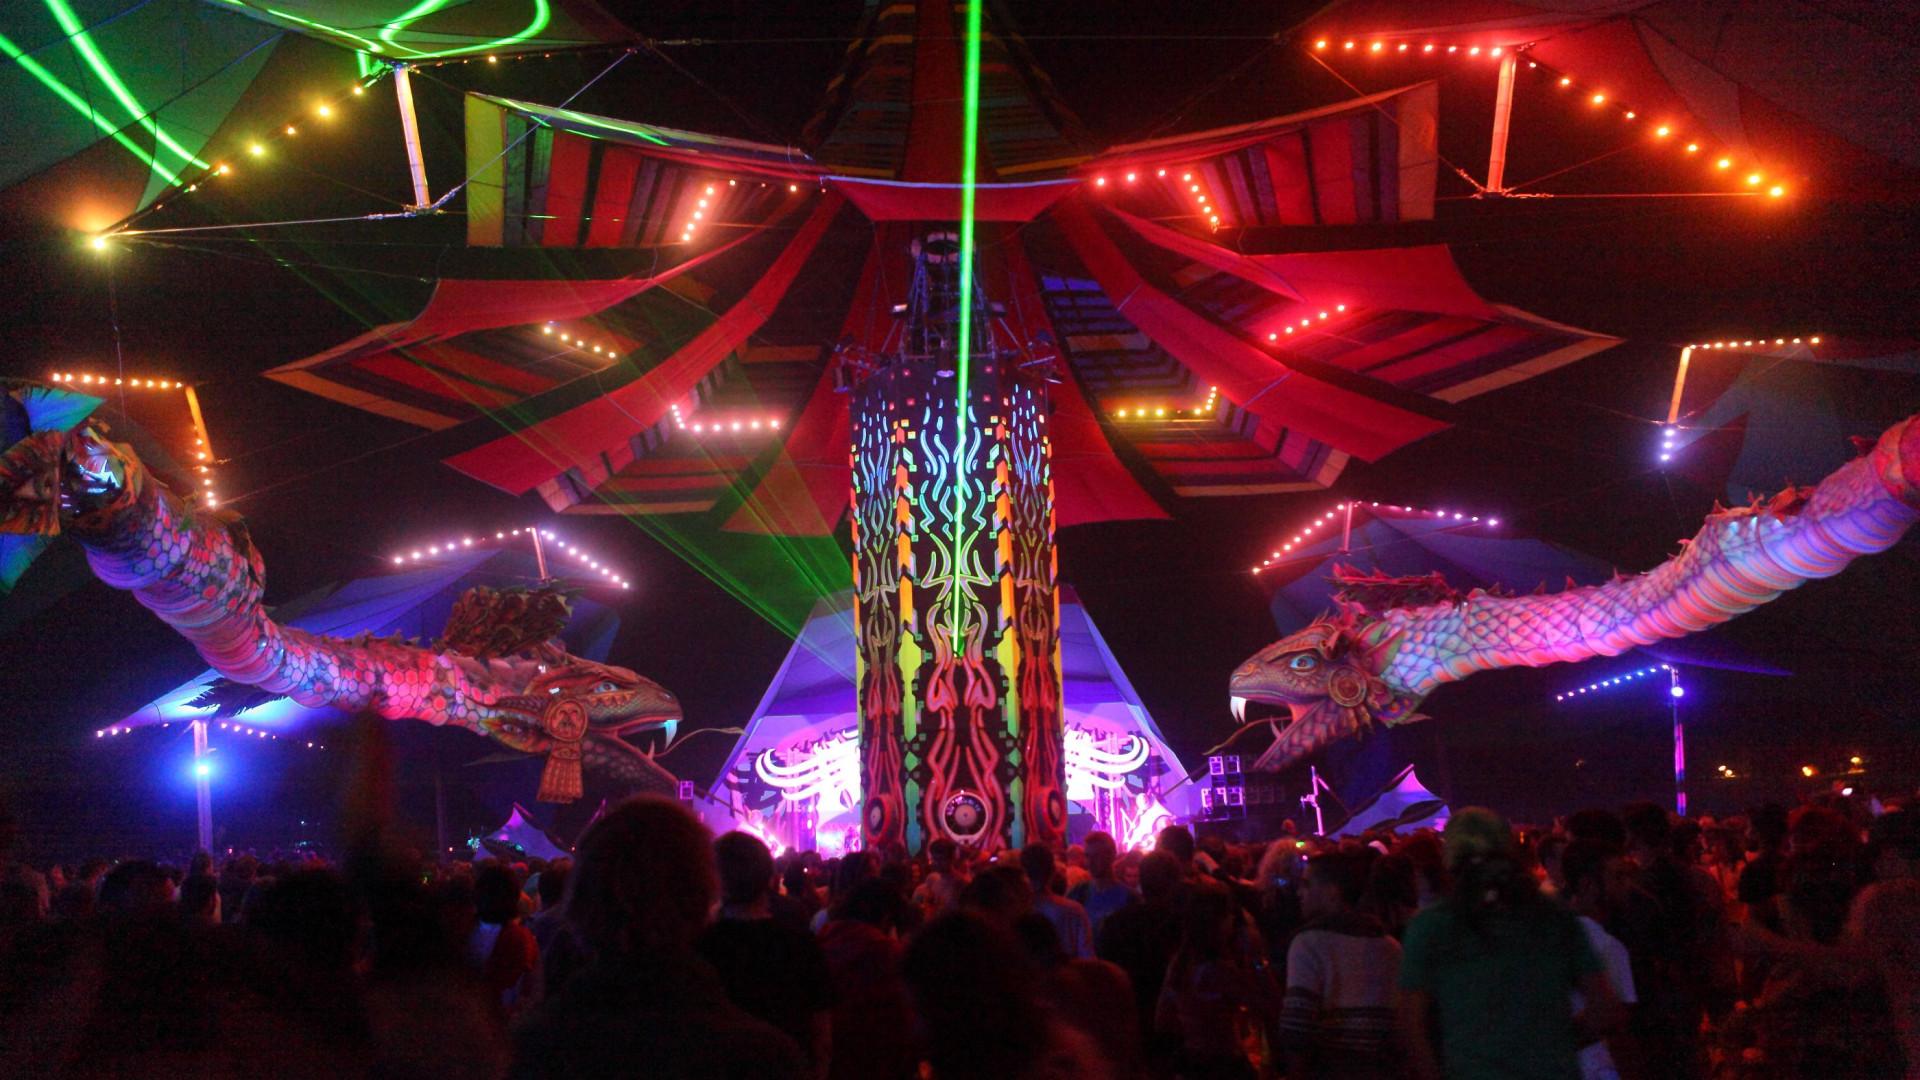 Mais de 20 pessoas detidas no Boom Festival por tráfico de droga